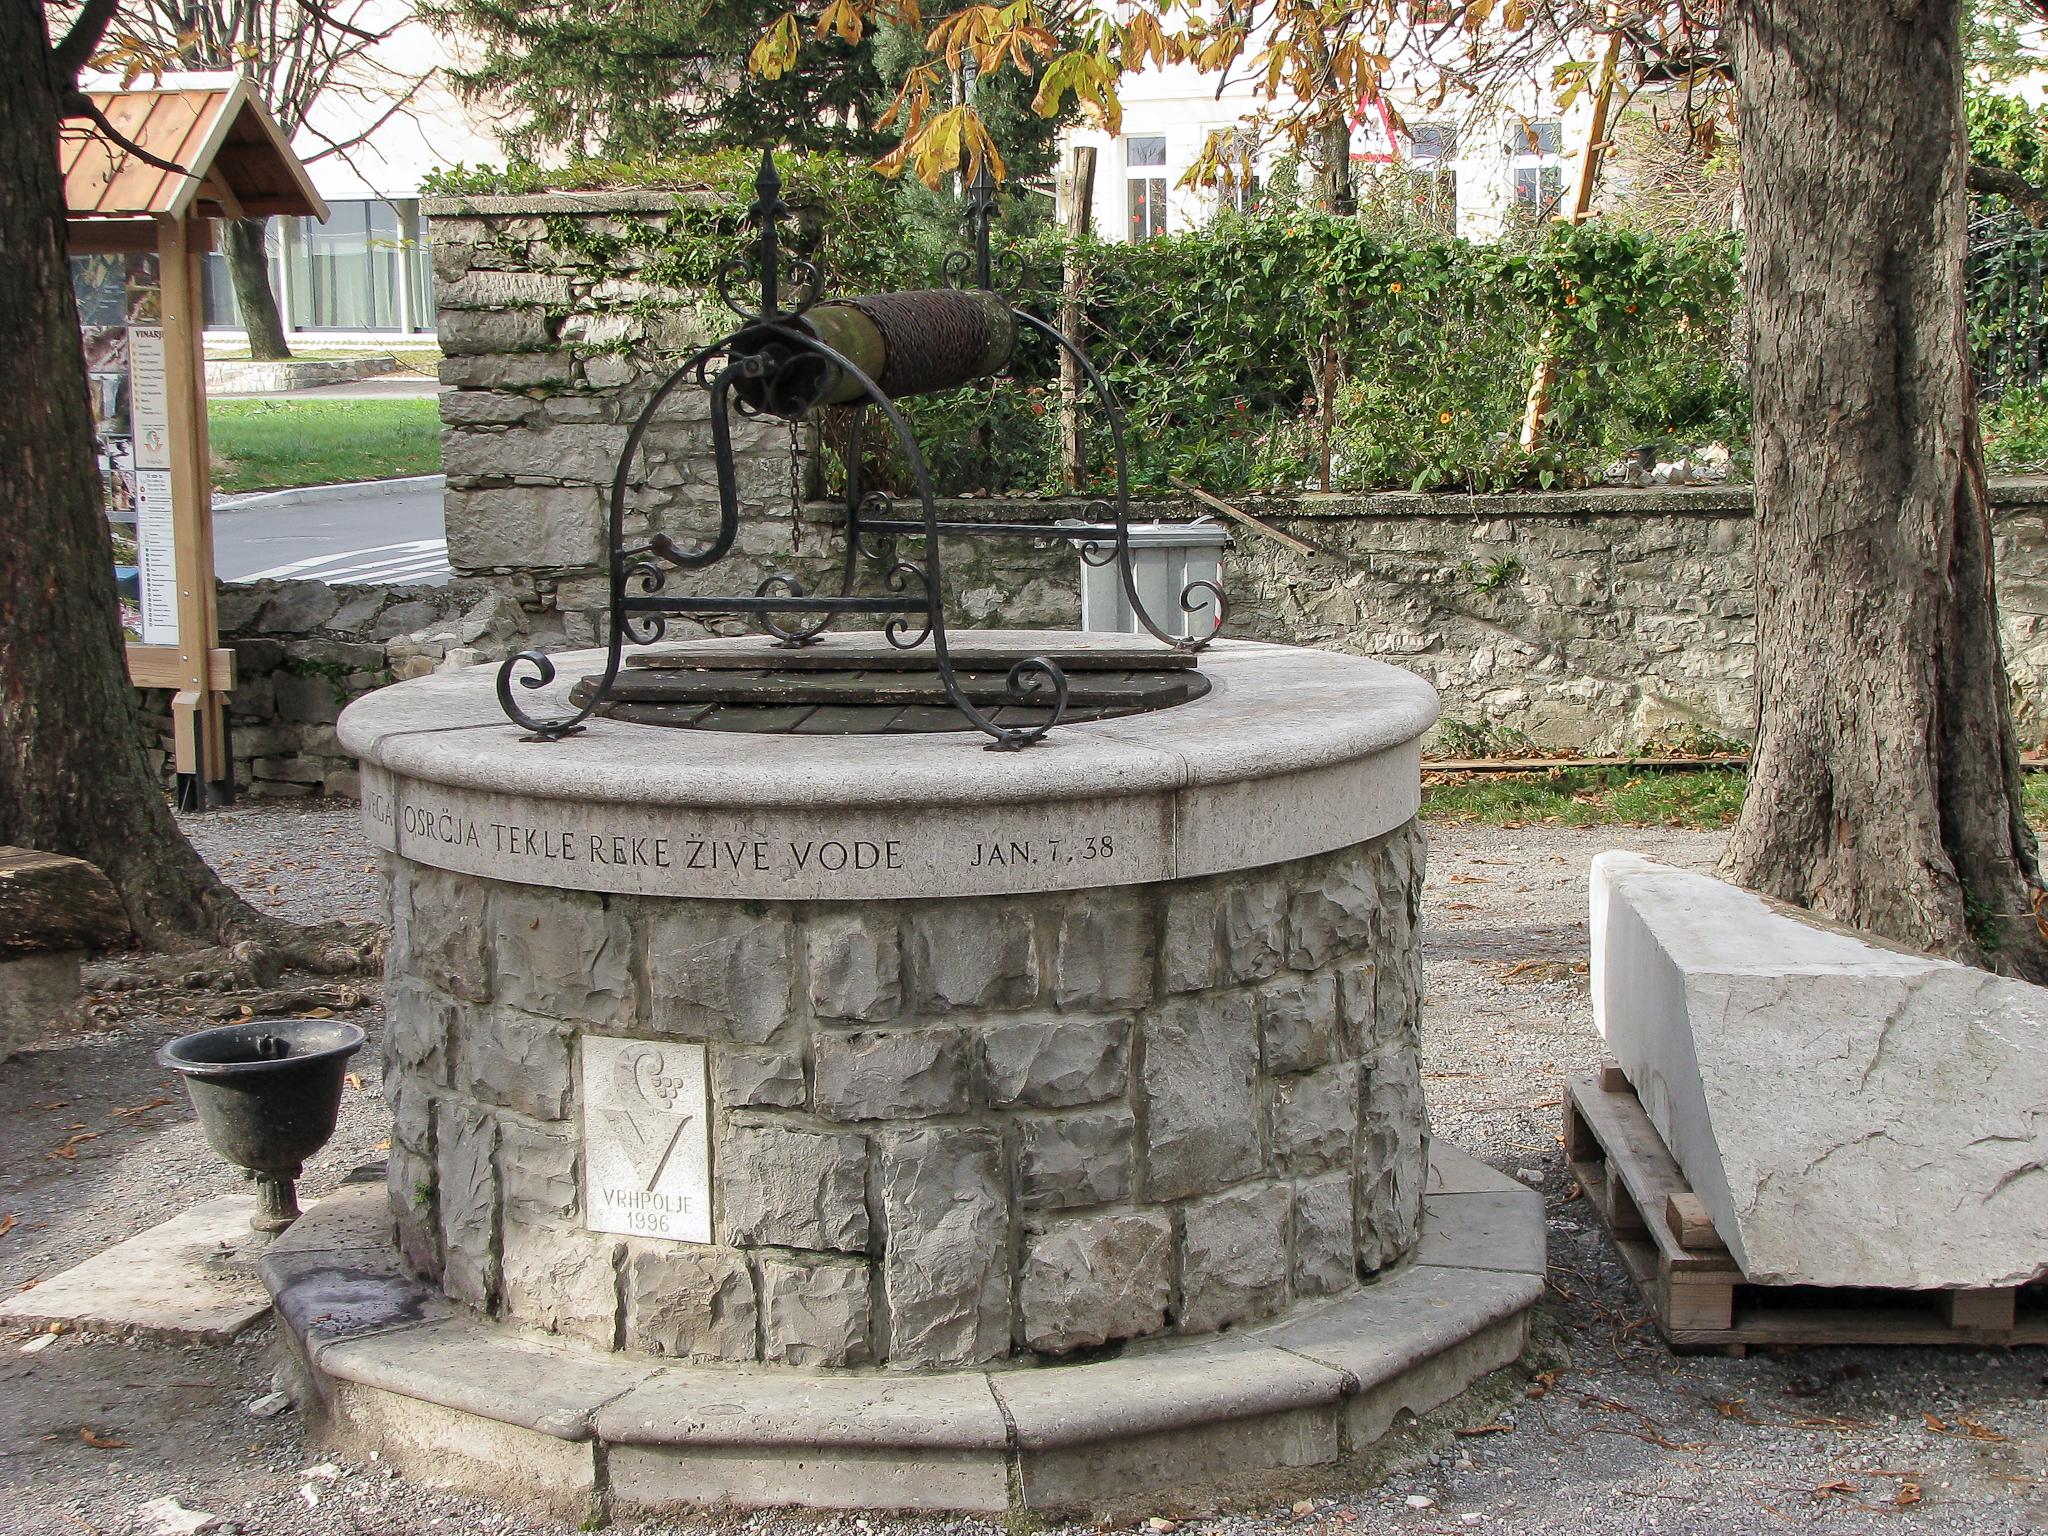 Rezultat iskanja slik za vodnjak